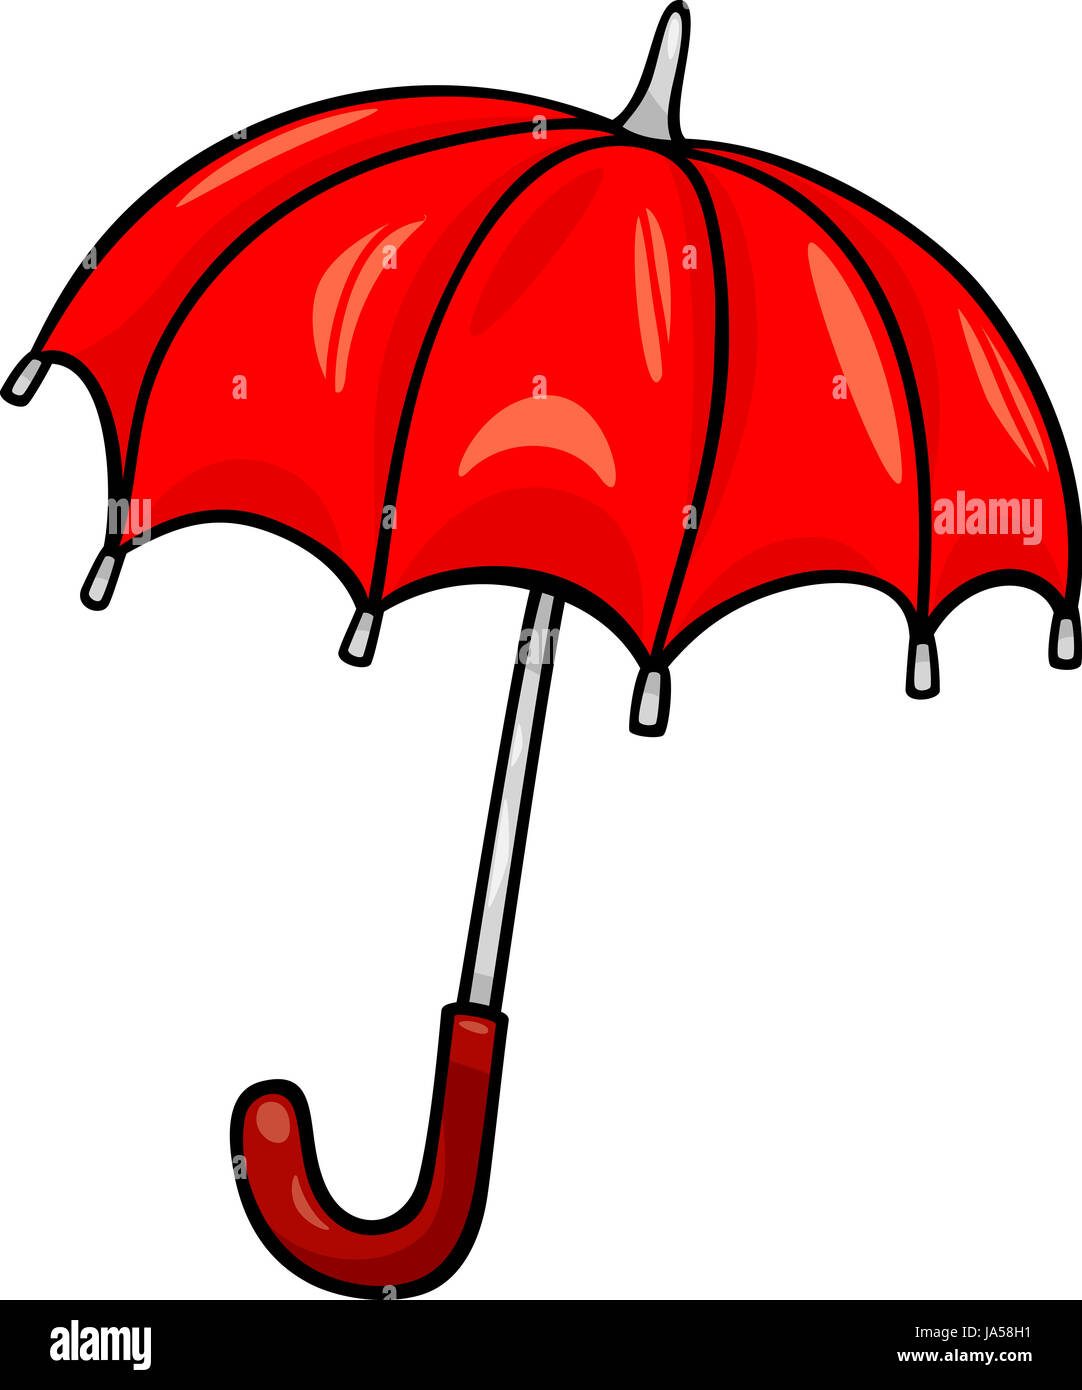 Oggetto arte fumetti grafica ombrello illustrazione